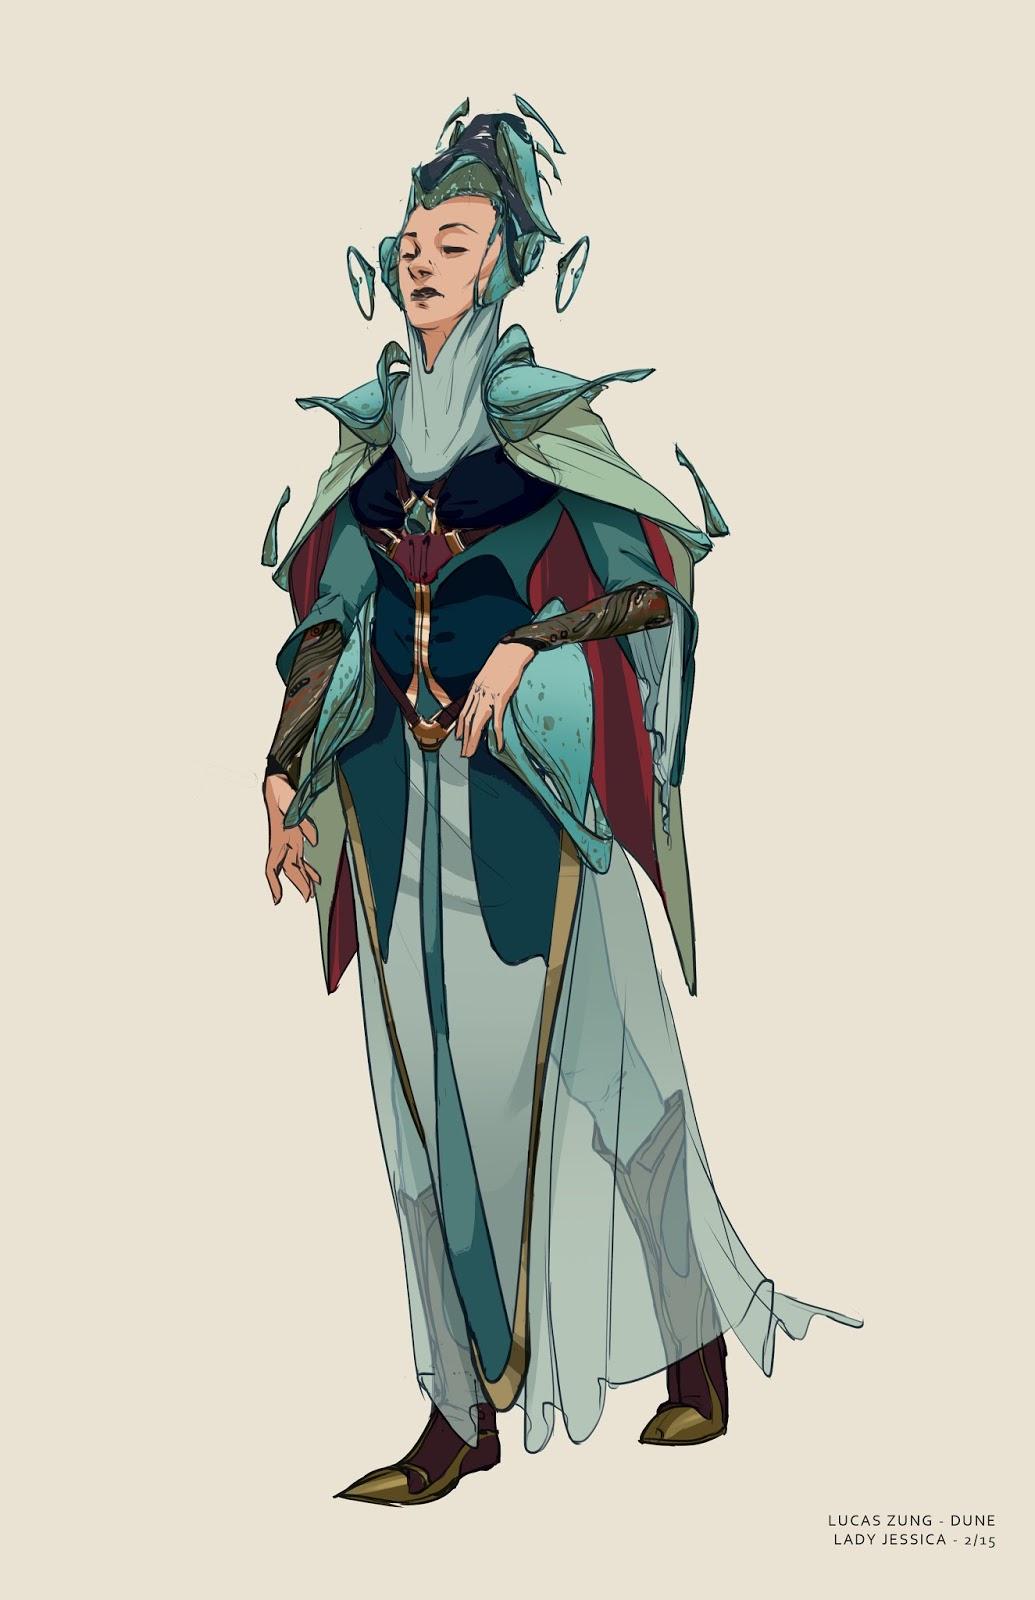 Lucas Zung Art: Dune Characters